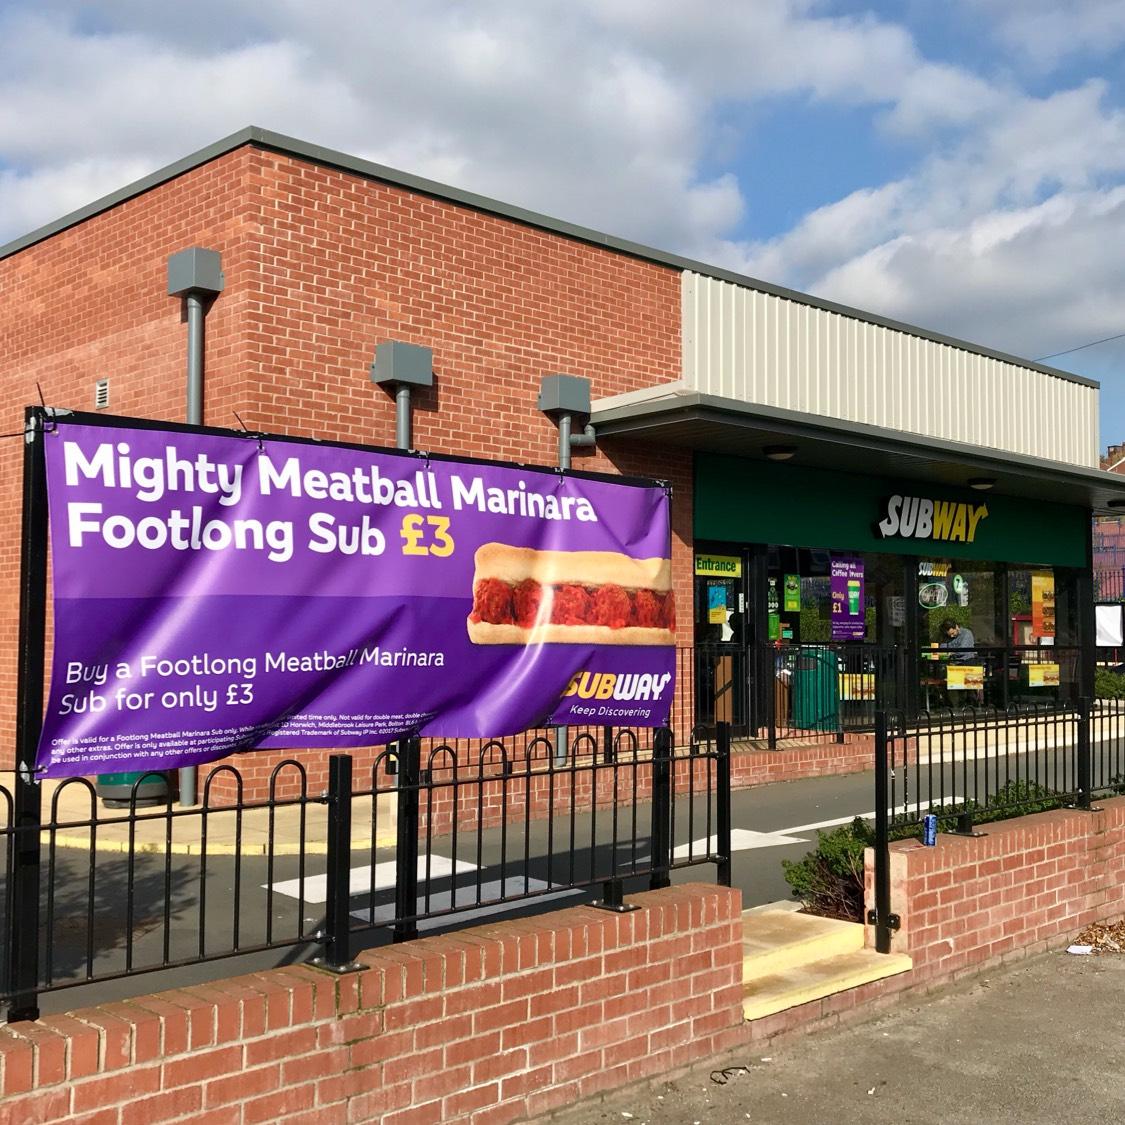 Footlong Mighty Meatball Marinara at Subway, Kirkstall Road, Leeds only